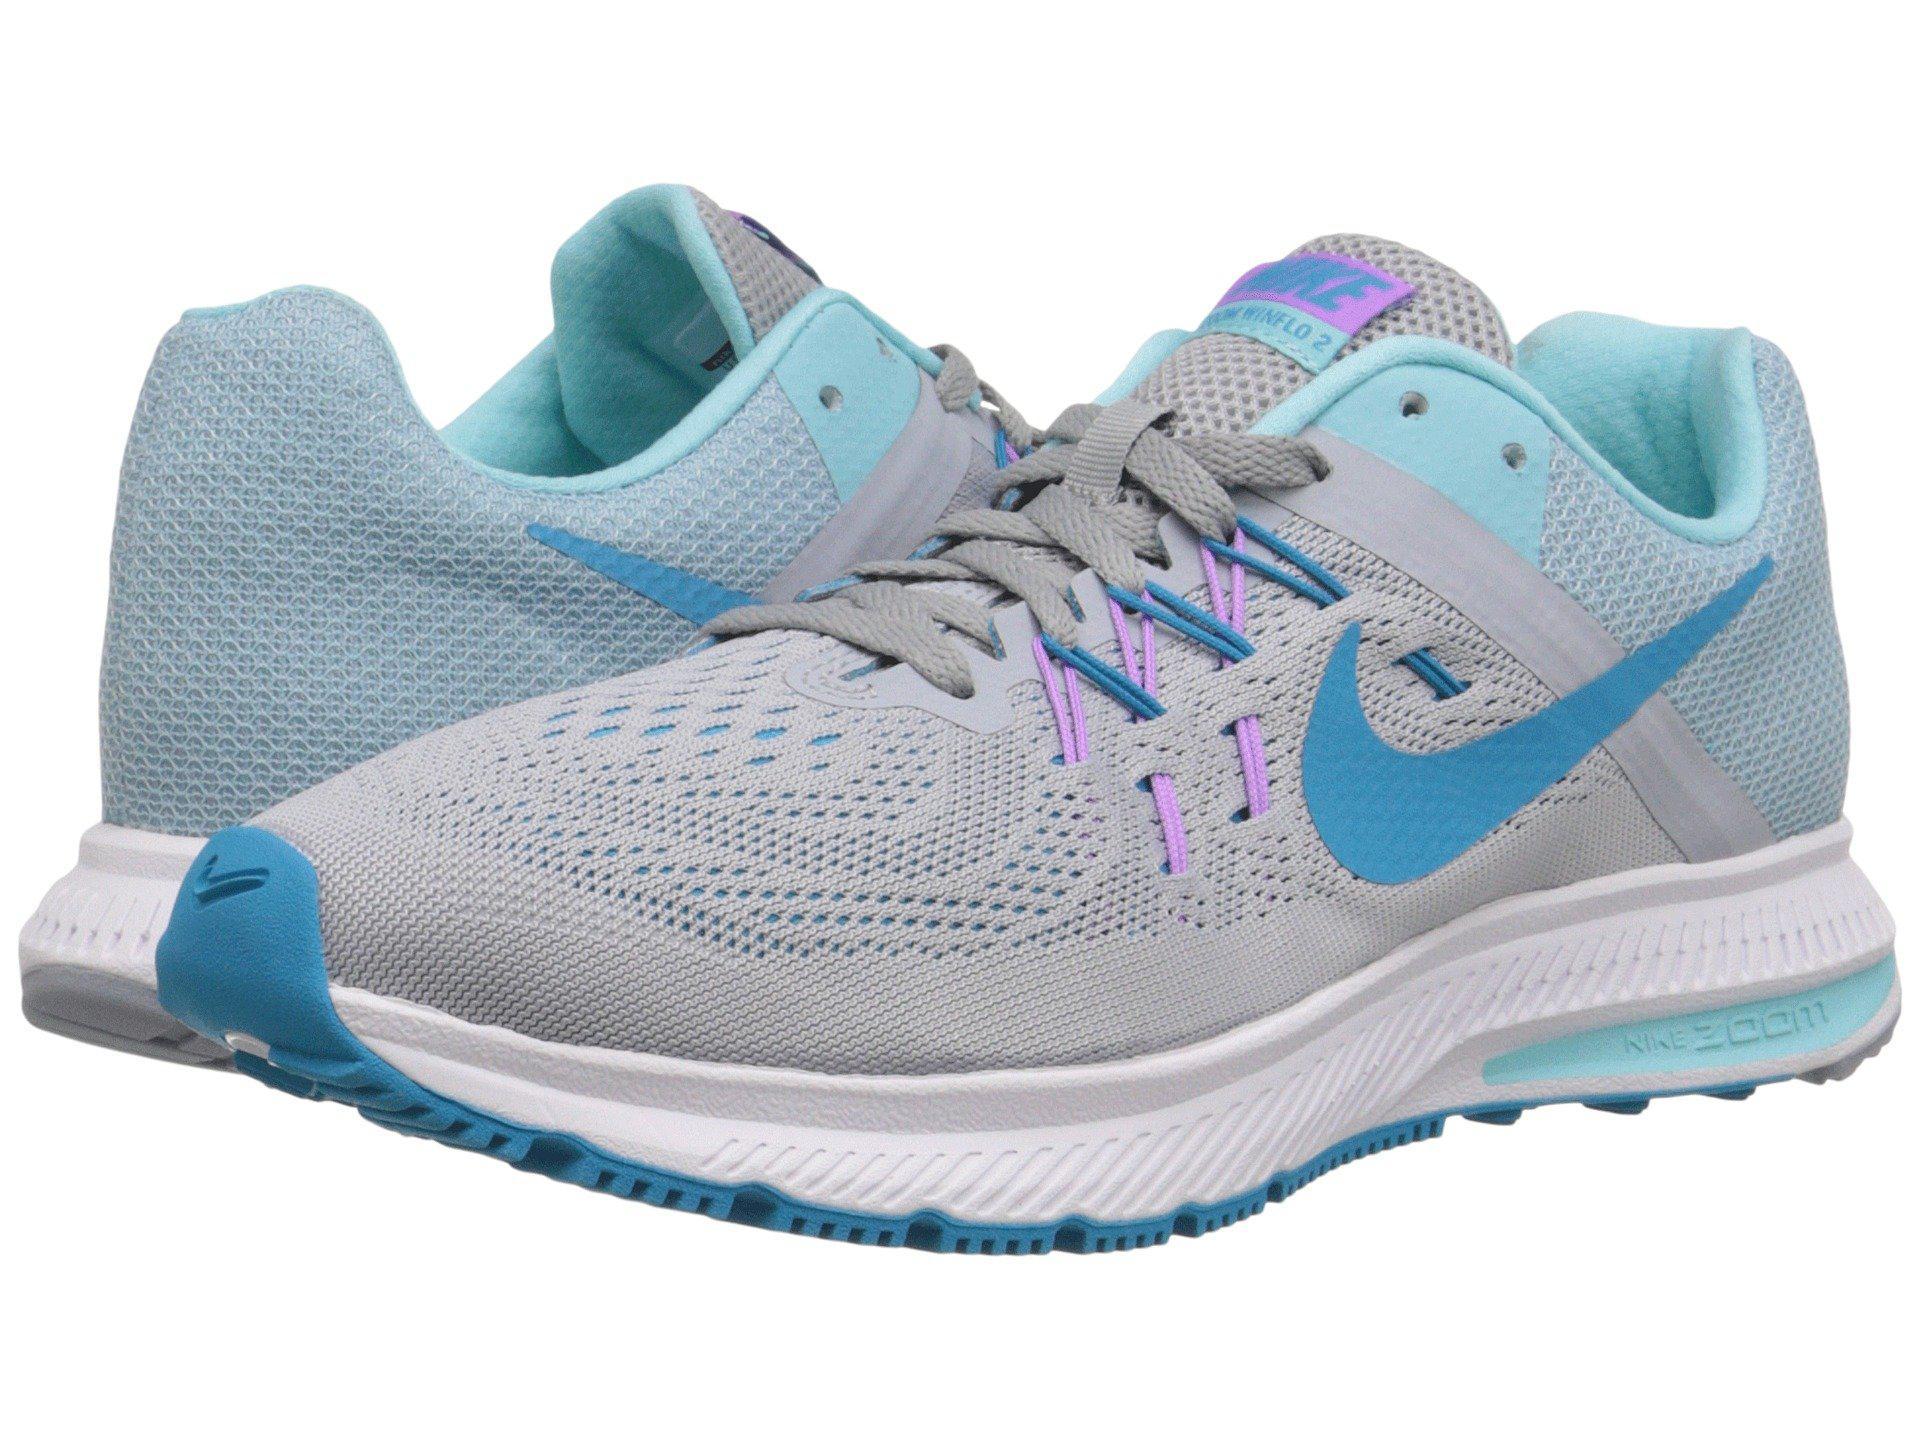 d8a6d550d1103 Lyst - Nike Zoom Winflo 2 in Blue